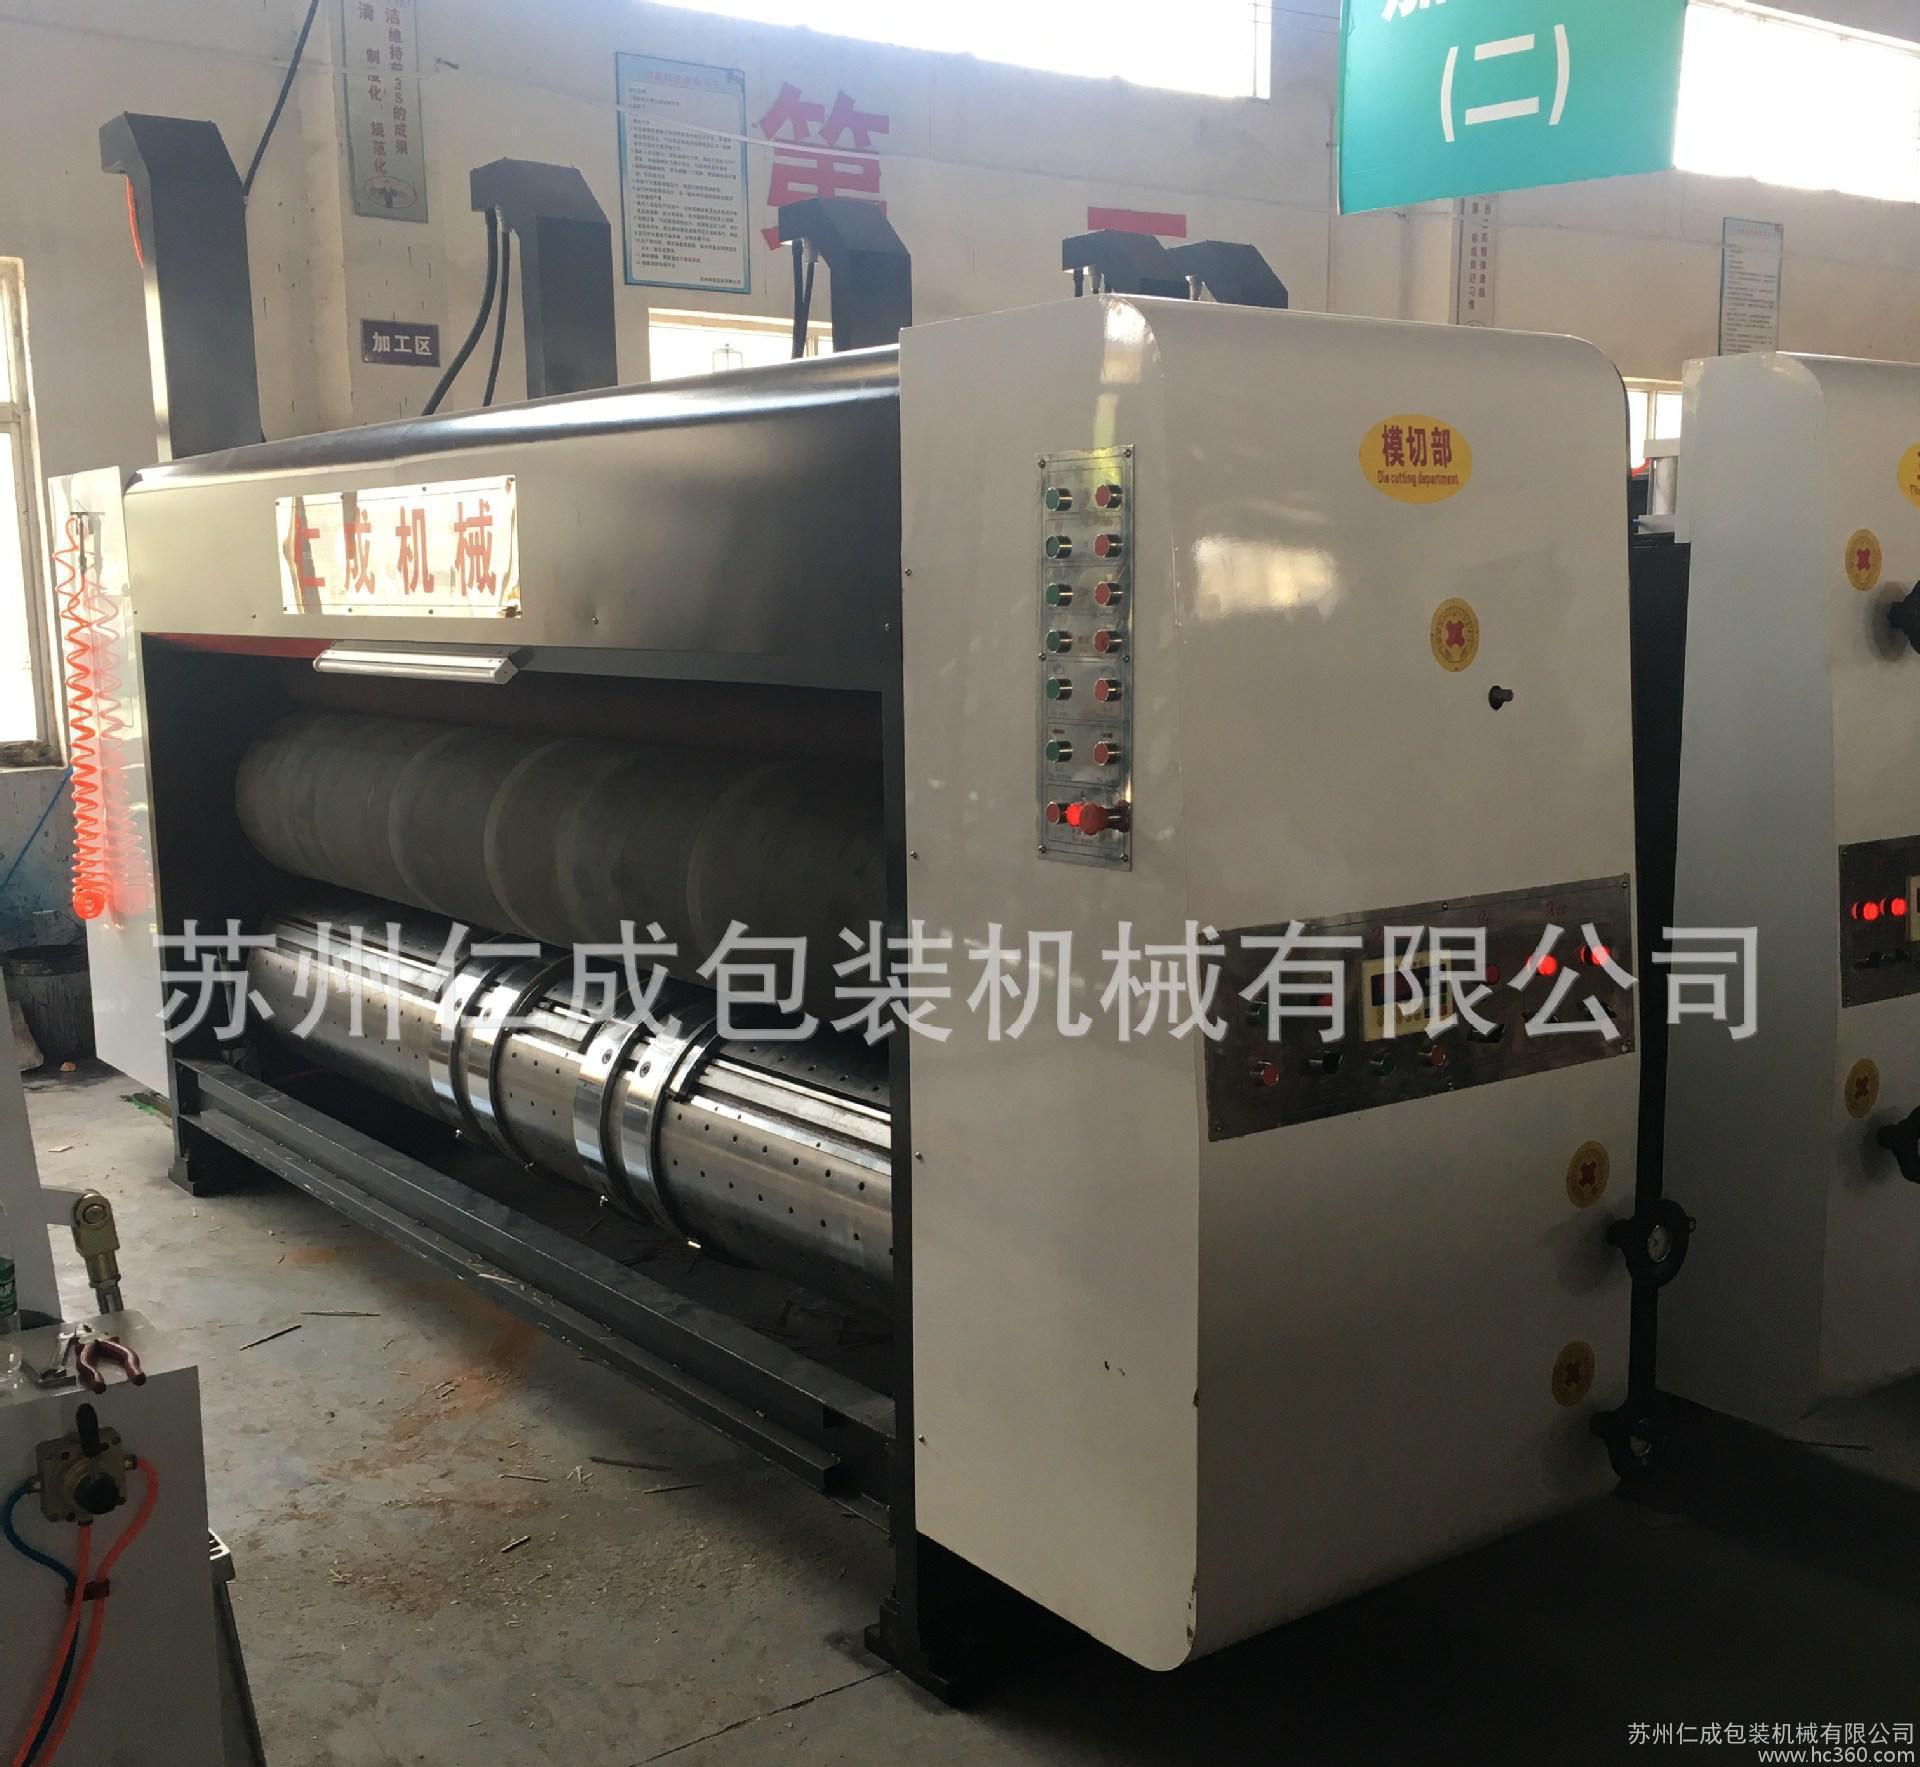 超大型多色半自动印刷模切开槽机 高速印刷机  印刷机 印刷开槽机 印刷模切机